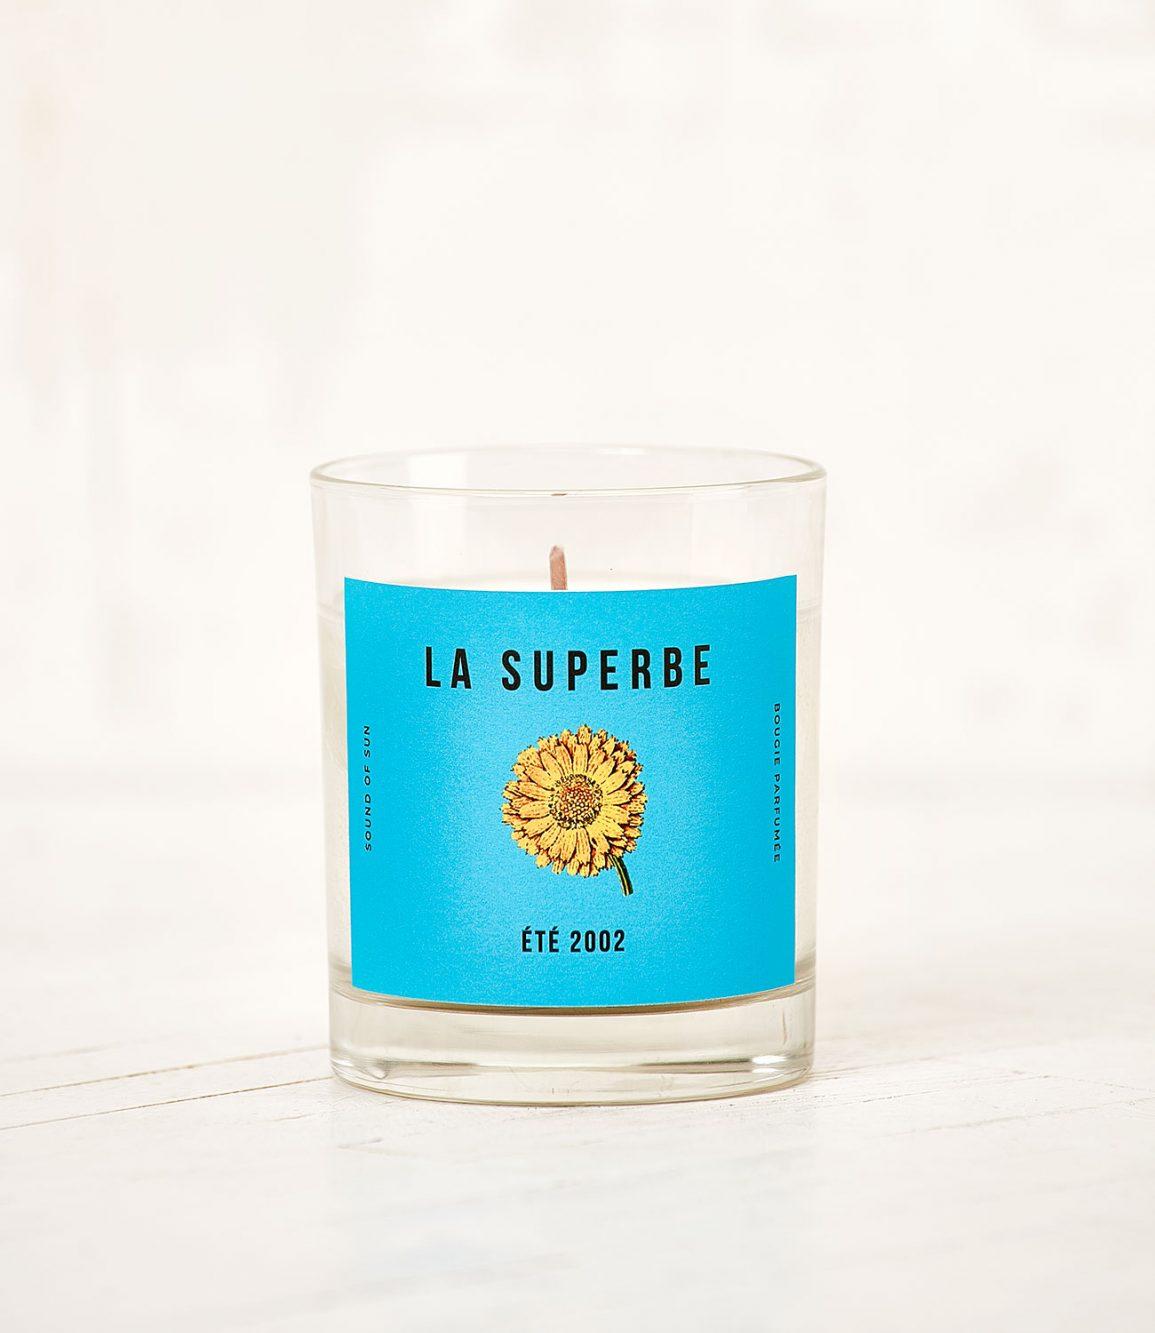 Bougie parfumée La Superbe Eté 2002